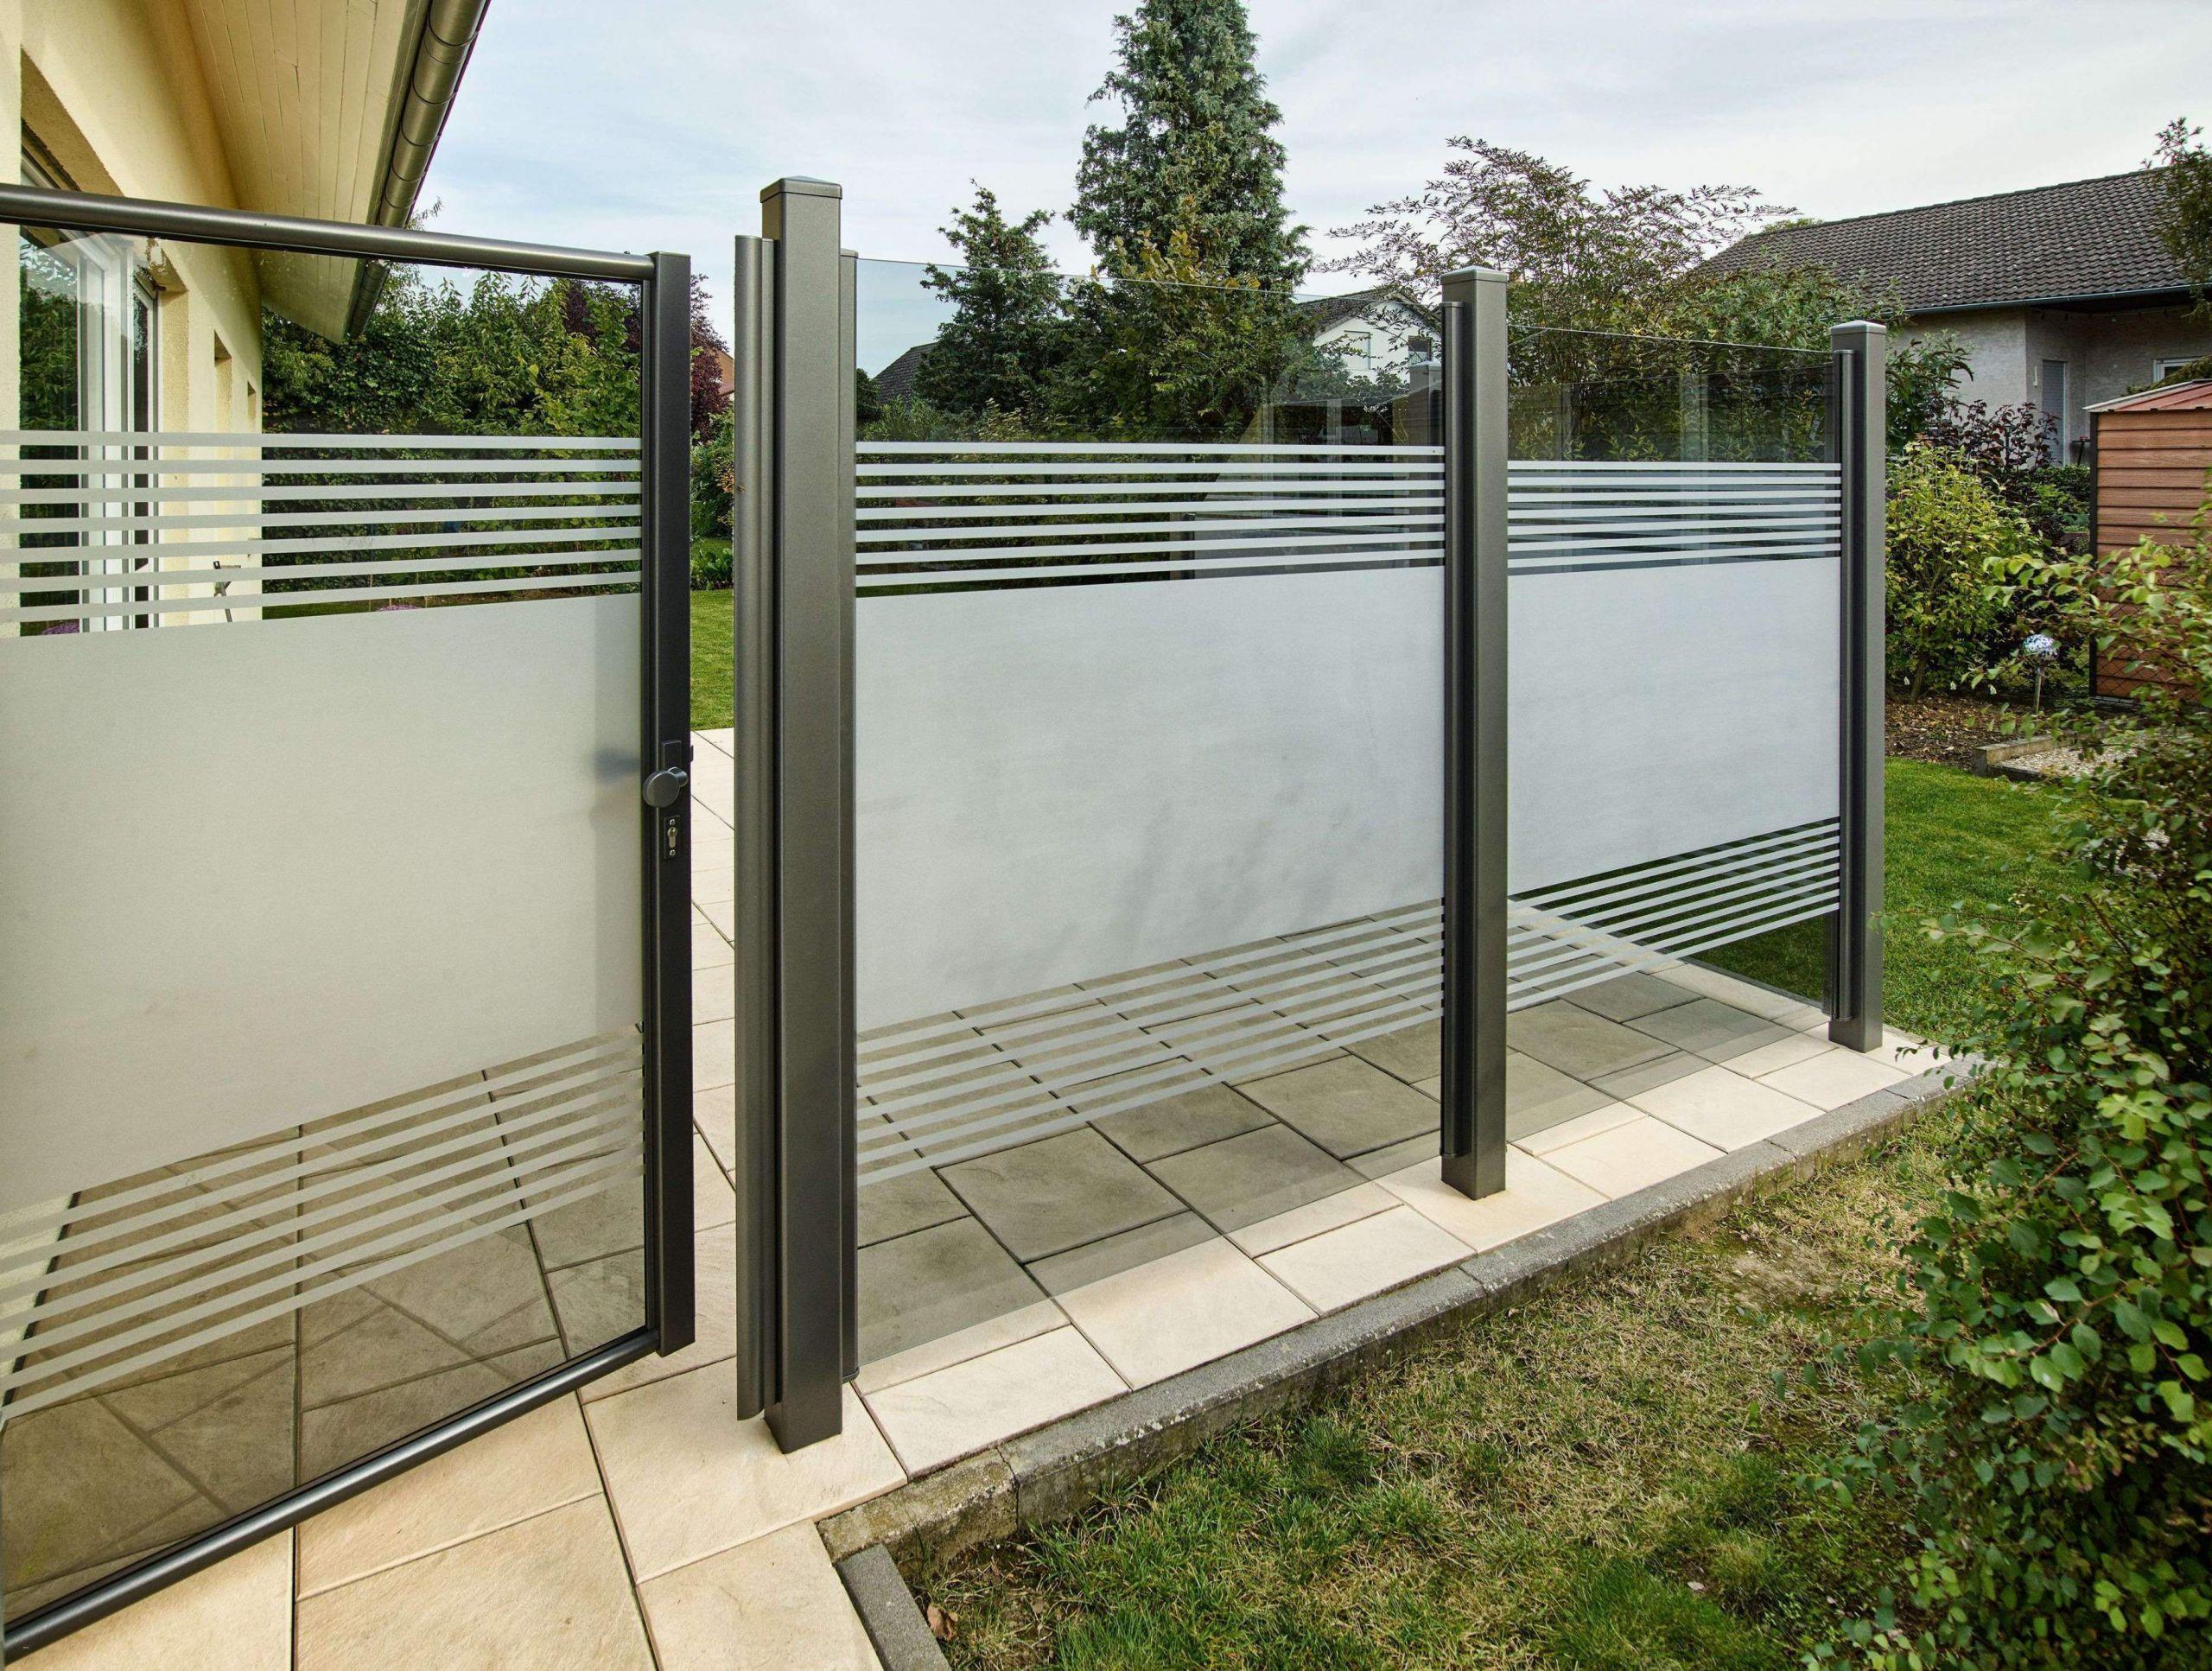 35 frisch balkon sichtschutz grun foto gruner sichtschutz garten gruner sichtschutz garten